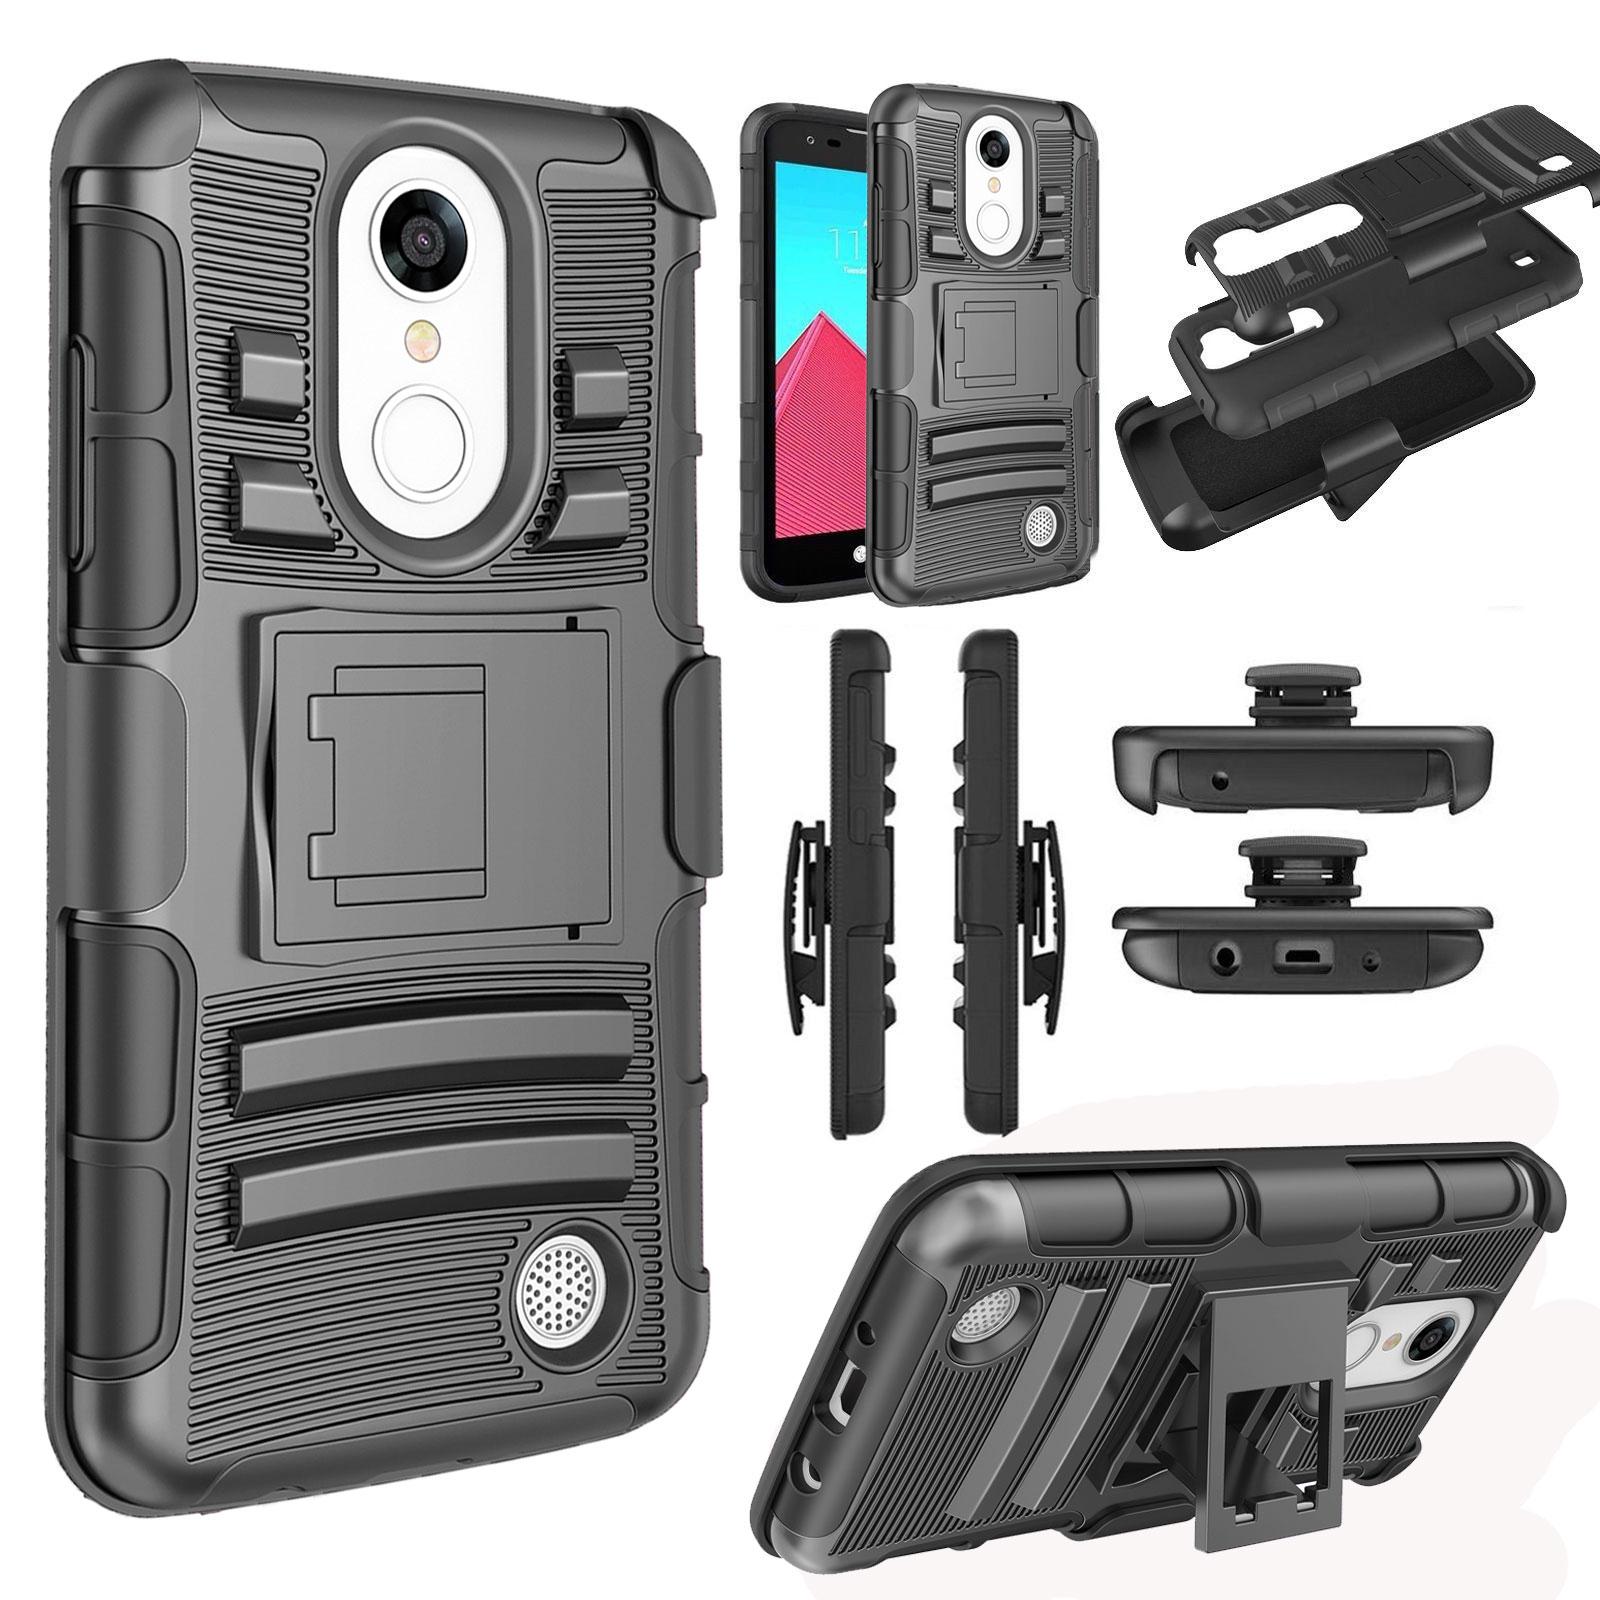 timeless design e2415 94c0d Details about Phone Case For LG K8 V K8V VS500 Verizon Defender Case +  Stand Belt Clip Holster